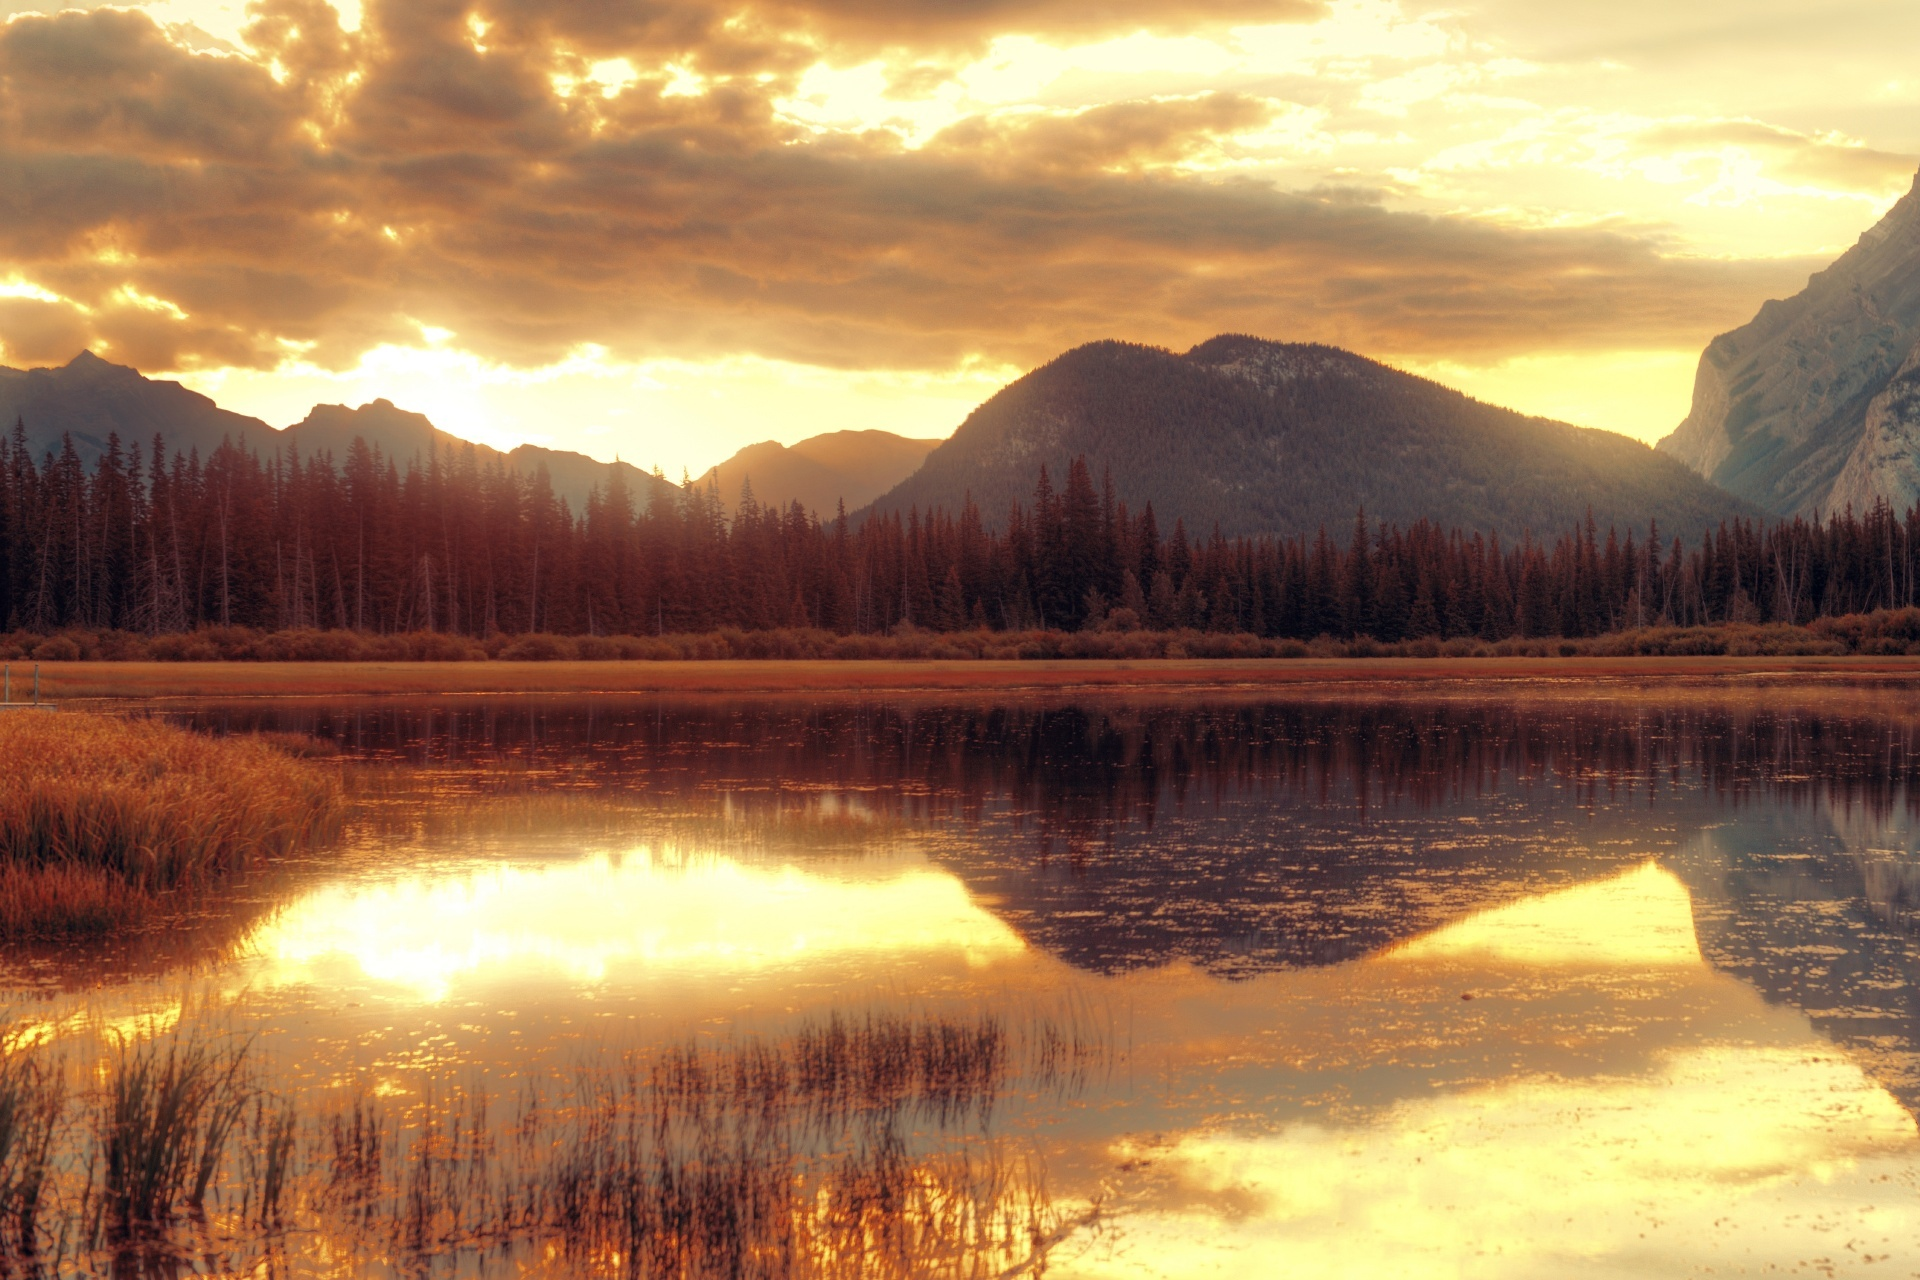 ヴァーミリオン湖の朝 バンフ国立公園 カナダの風景